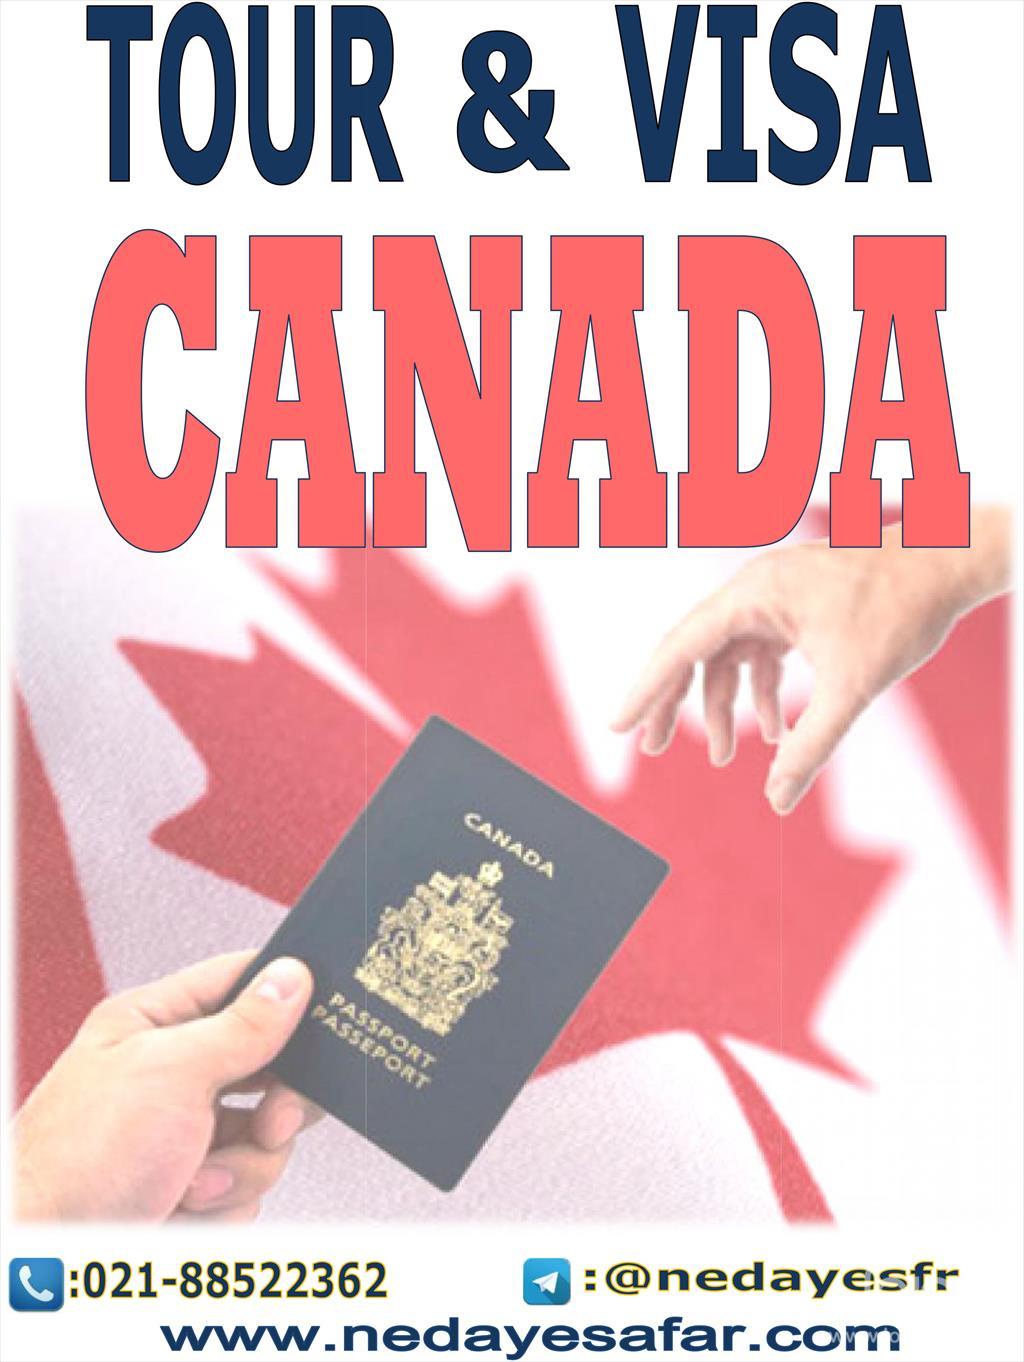 تور 13روزه کانادا<br/>ویزای 5ساله مولتی<br/>نقد و اقساط<br/>بازدید از آبشار نیاگارا<br/>بازدید از شهر زیبای تورنتو<br/>بازدید از شهر دیدنی ونکوور  tour-travel foreign-tour canada